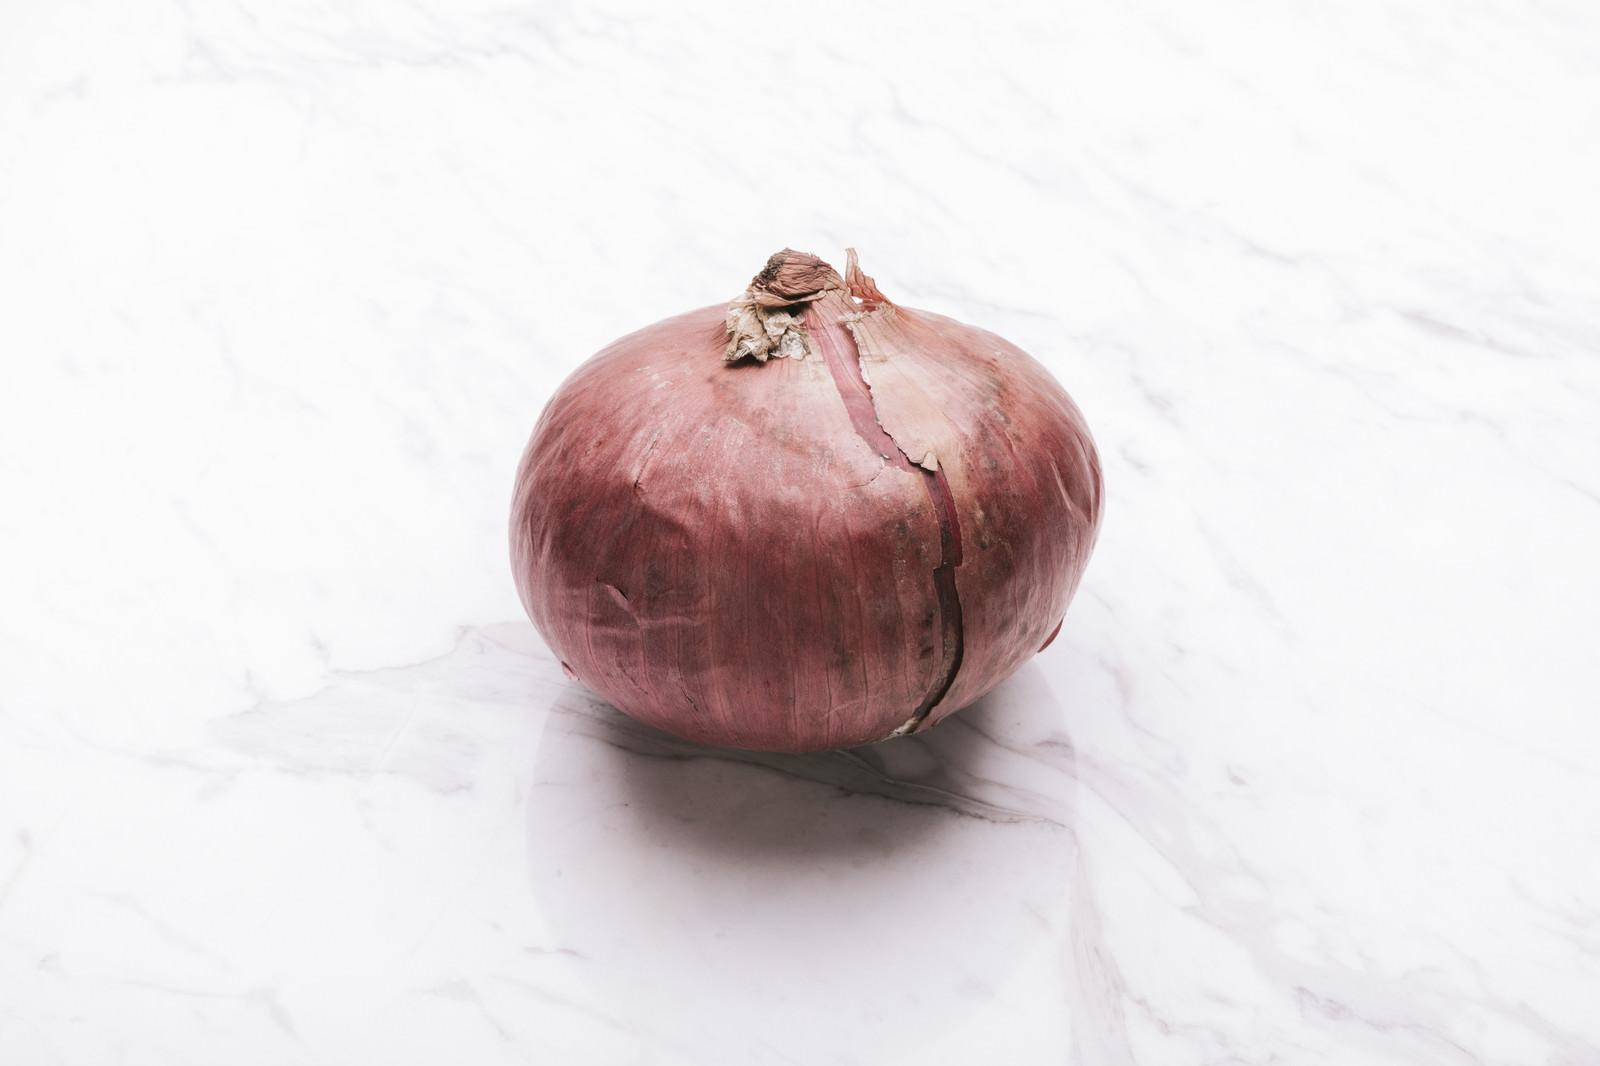 「赤玉ねぎ(食材)赤玉ねぎ(食材)」のフリー写真素材を拡大